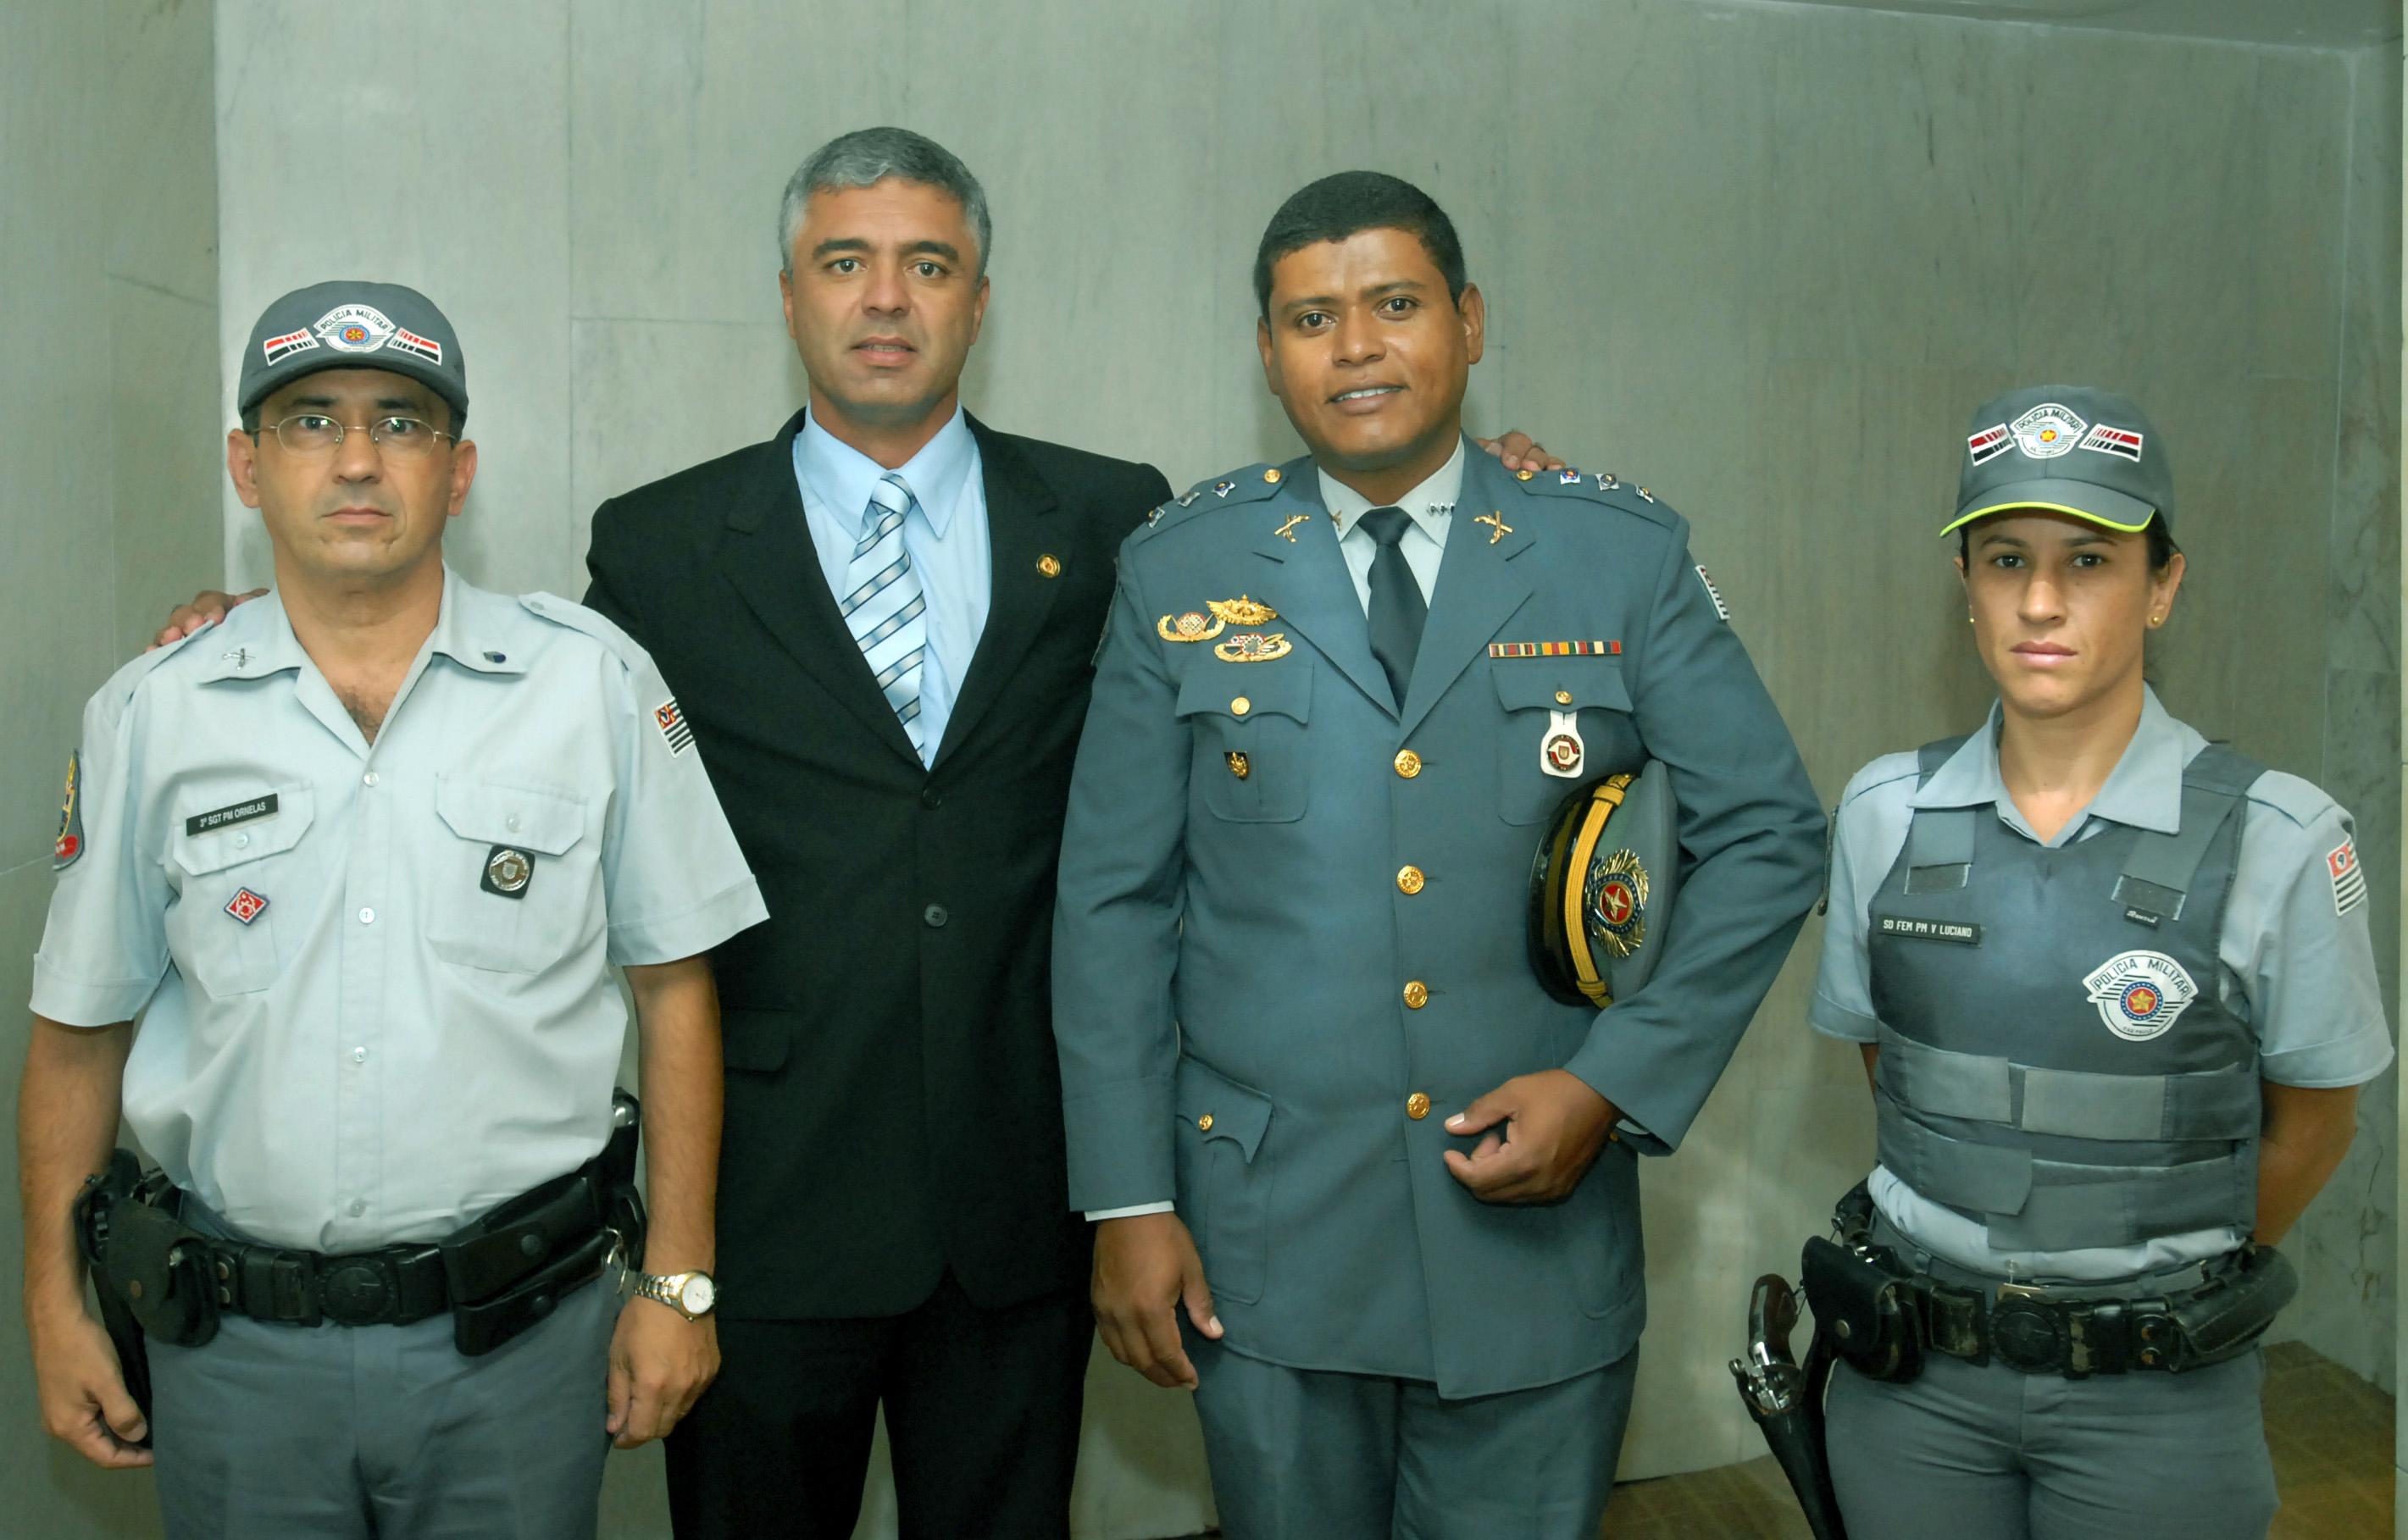 Sargento Ornelas, major Olímpio, capitão Robson e soldado Valéria<a style='float:right' href='https://www3.al.sp.gov.br/repositorio/noticia/03-2008/mjolimpio.jpg' target=_blank><img src='/_img/material-file-download-white.png' width='14px' alt='Clique para baixar a imagem'></a>